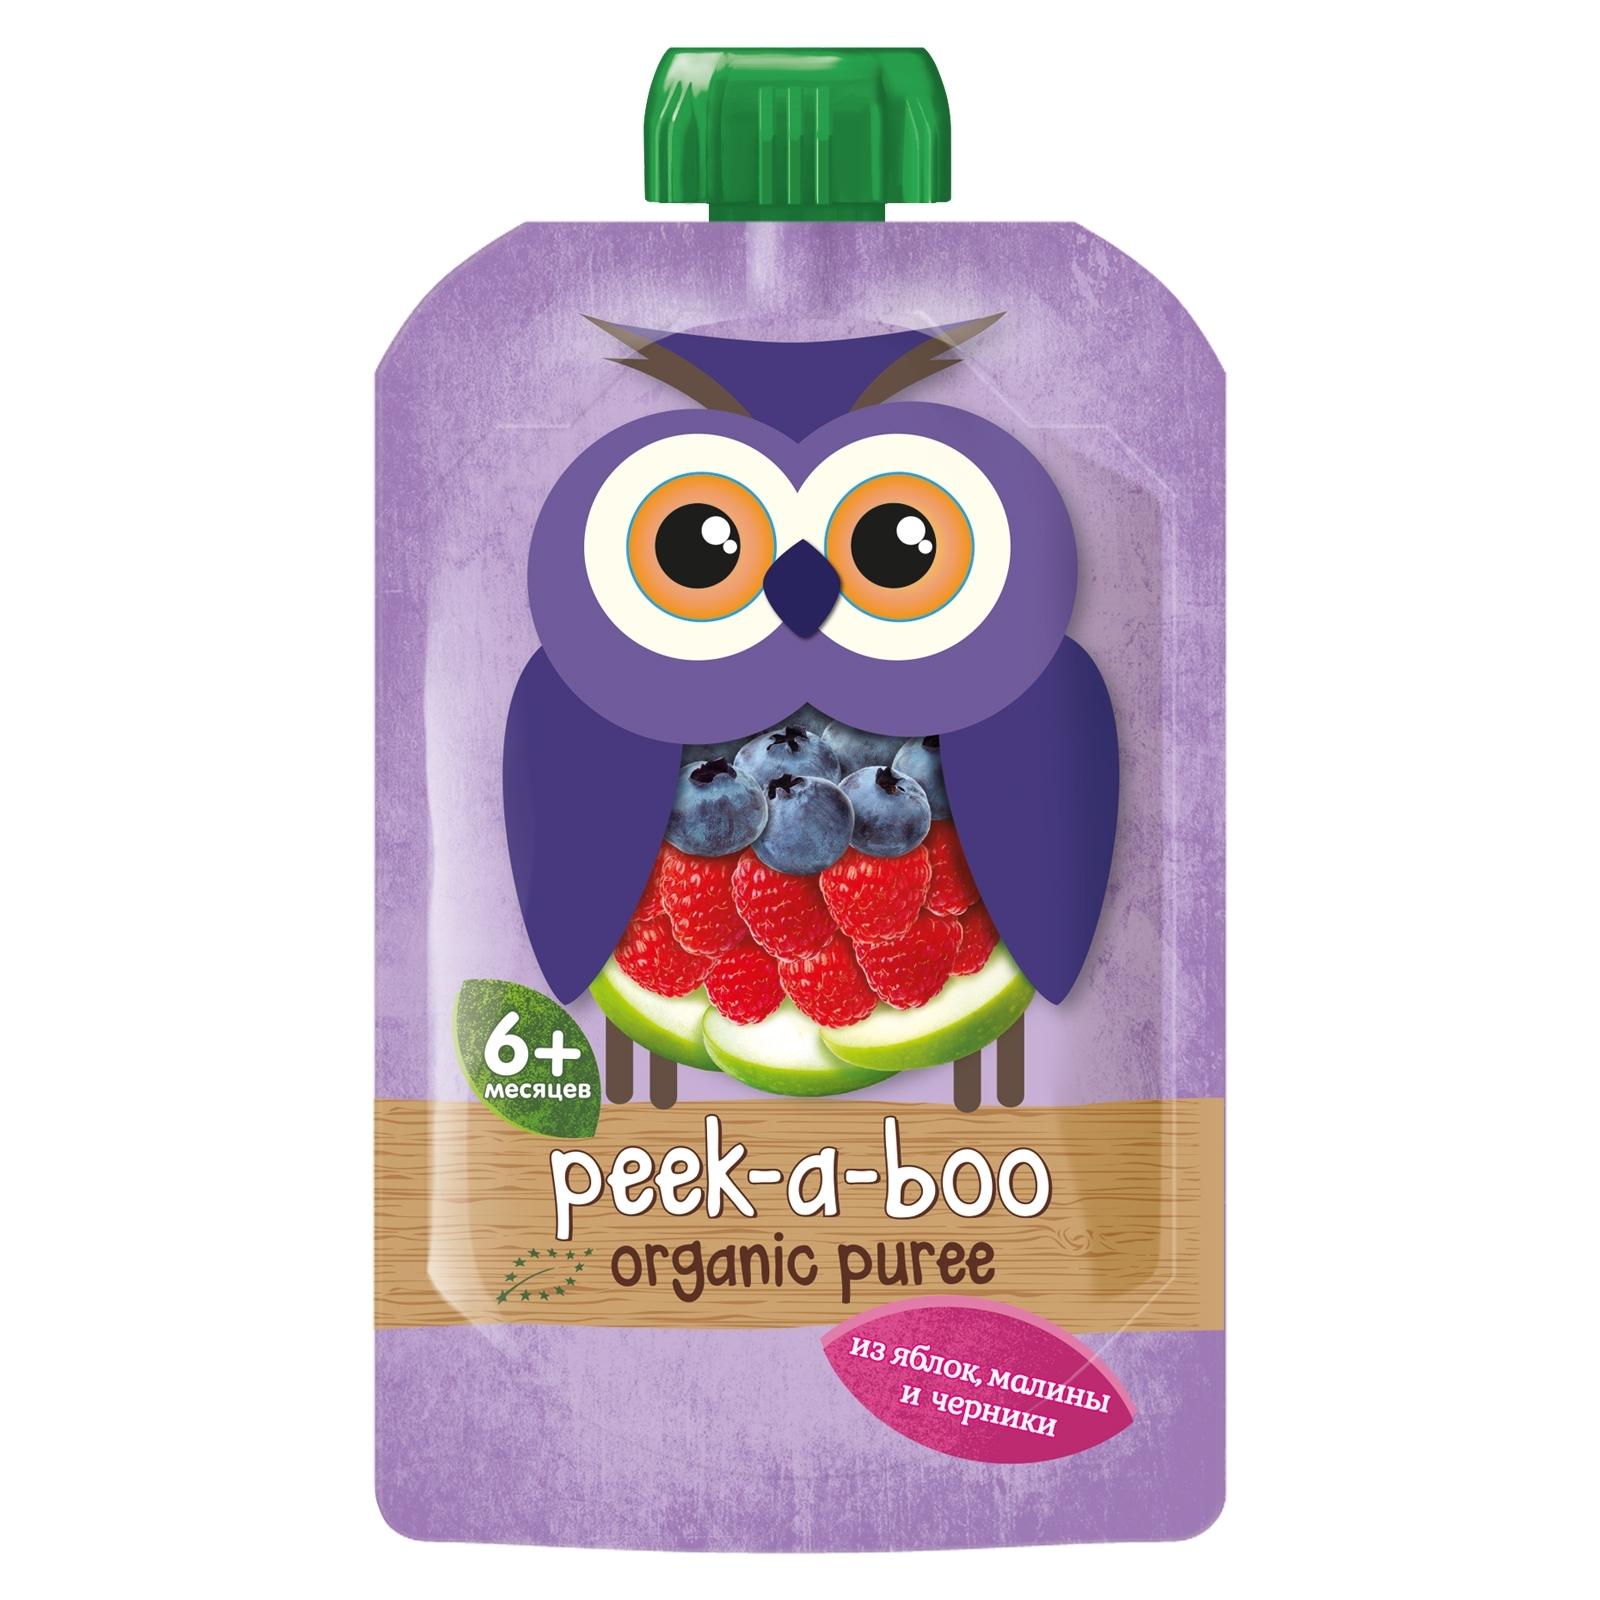 ���� Peek-a-boo 113 �� ������ ������ ������� (� 6 ���)